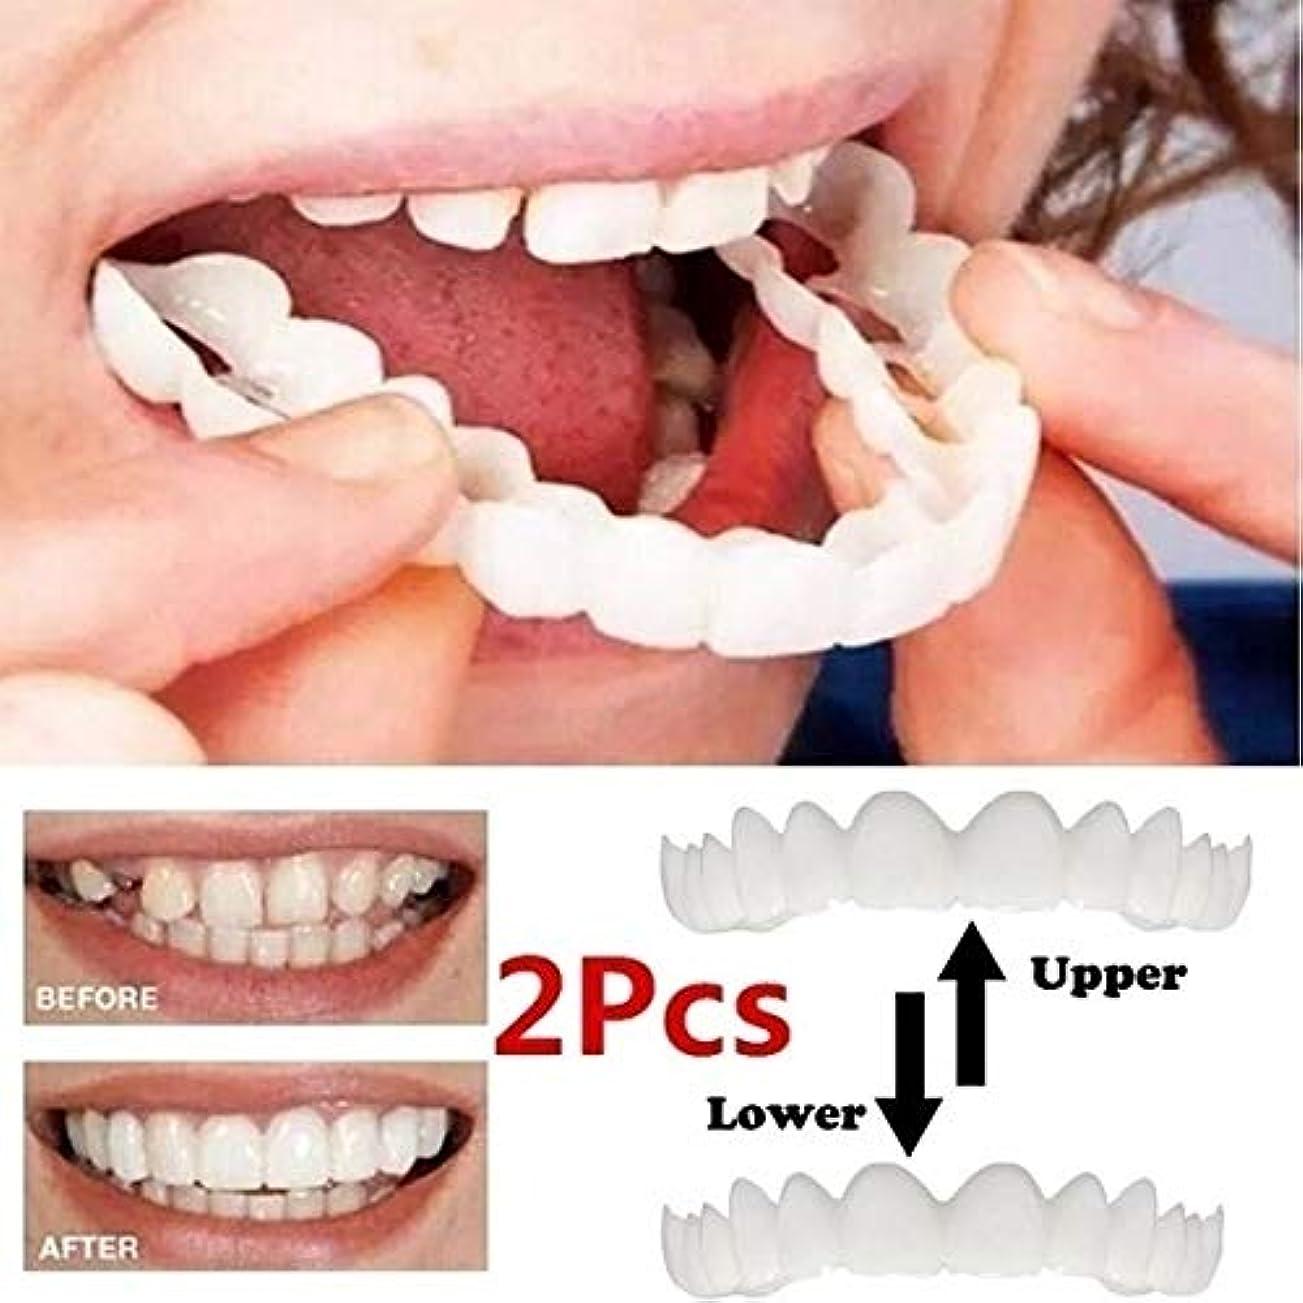 土曜日有効化白鳥一時的な笑顔の快適さフィット化粧品の歯義歯のベニヤ歯の快適さフィットフレックス化粧品の歯の上の歯のベニヤと下のベニヤ - 歯のベニヤ